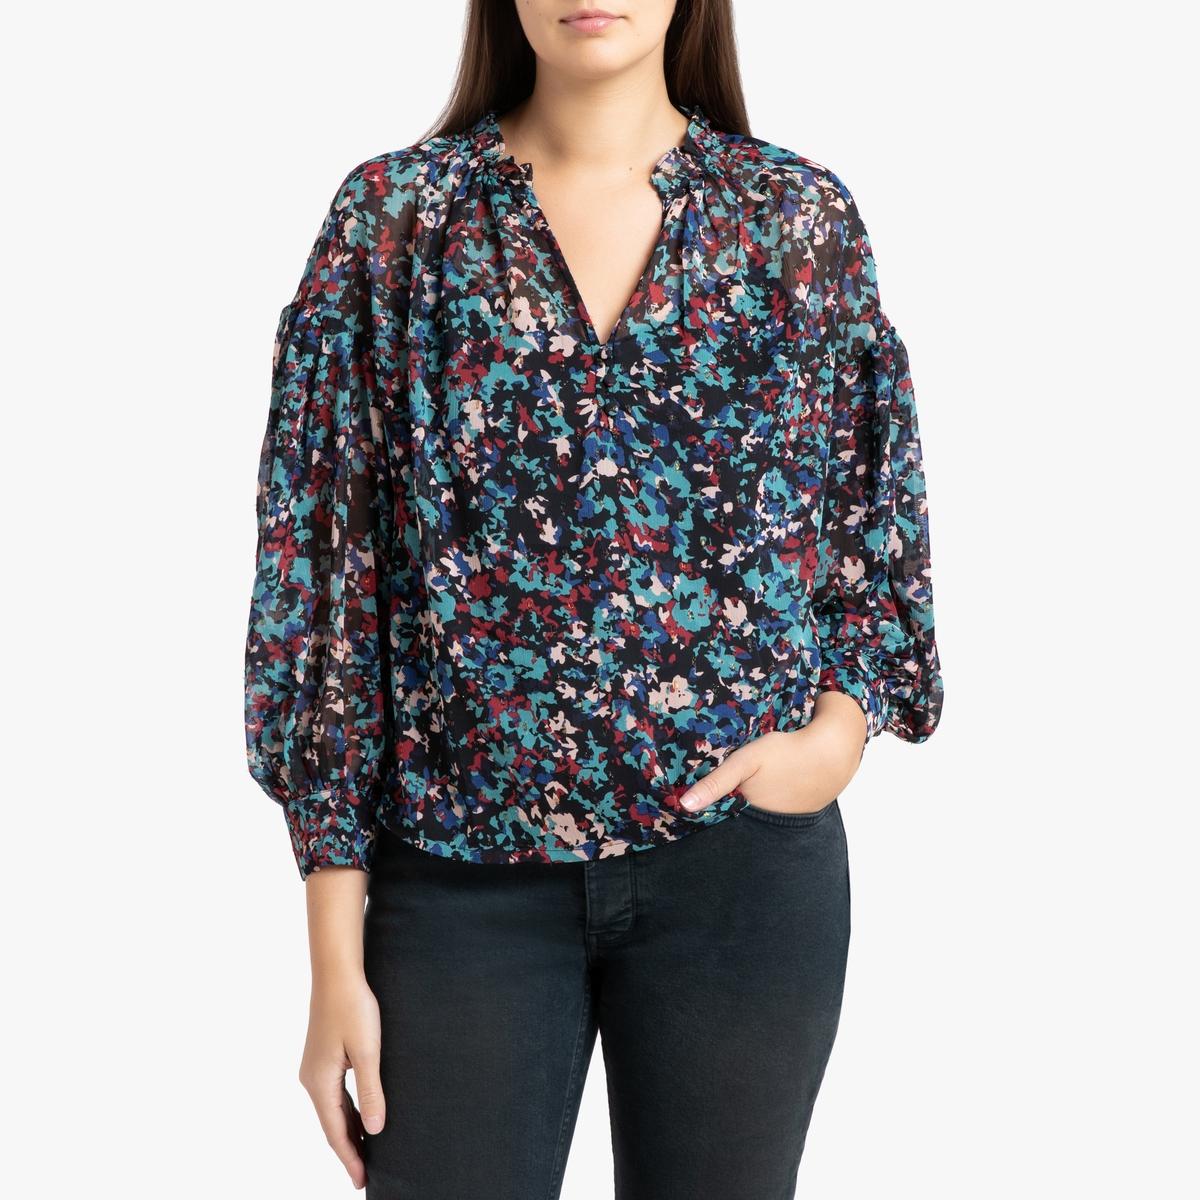 Блузка La Redoute С V-образным вырезом рисунком и длинными рукавами LUMIA 2(M) черный блузка la redoute с круглым вырезом цветочным рисунком и длинными рукавами s черный